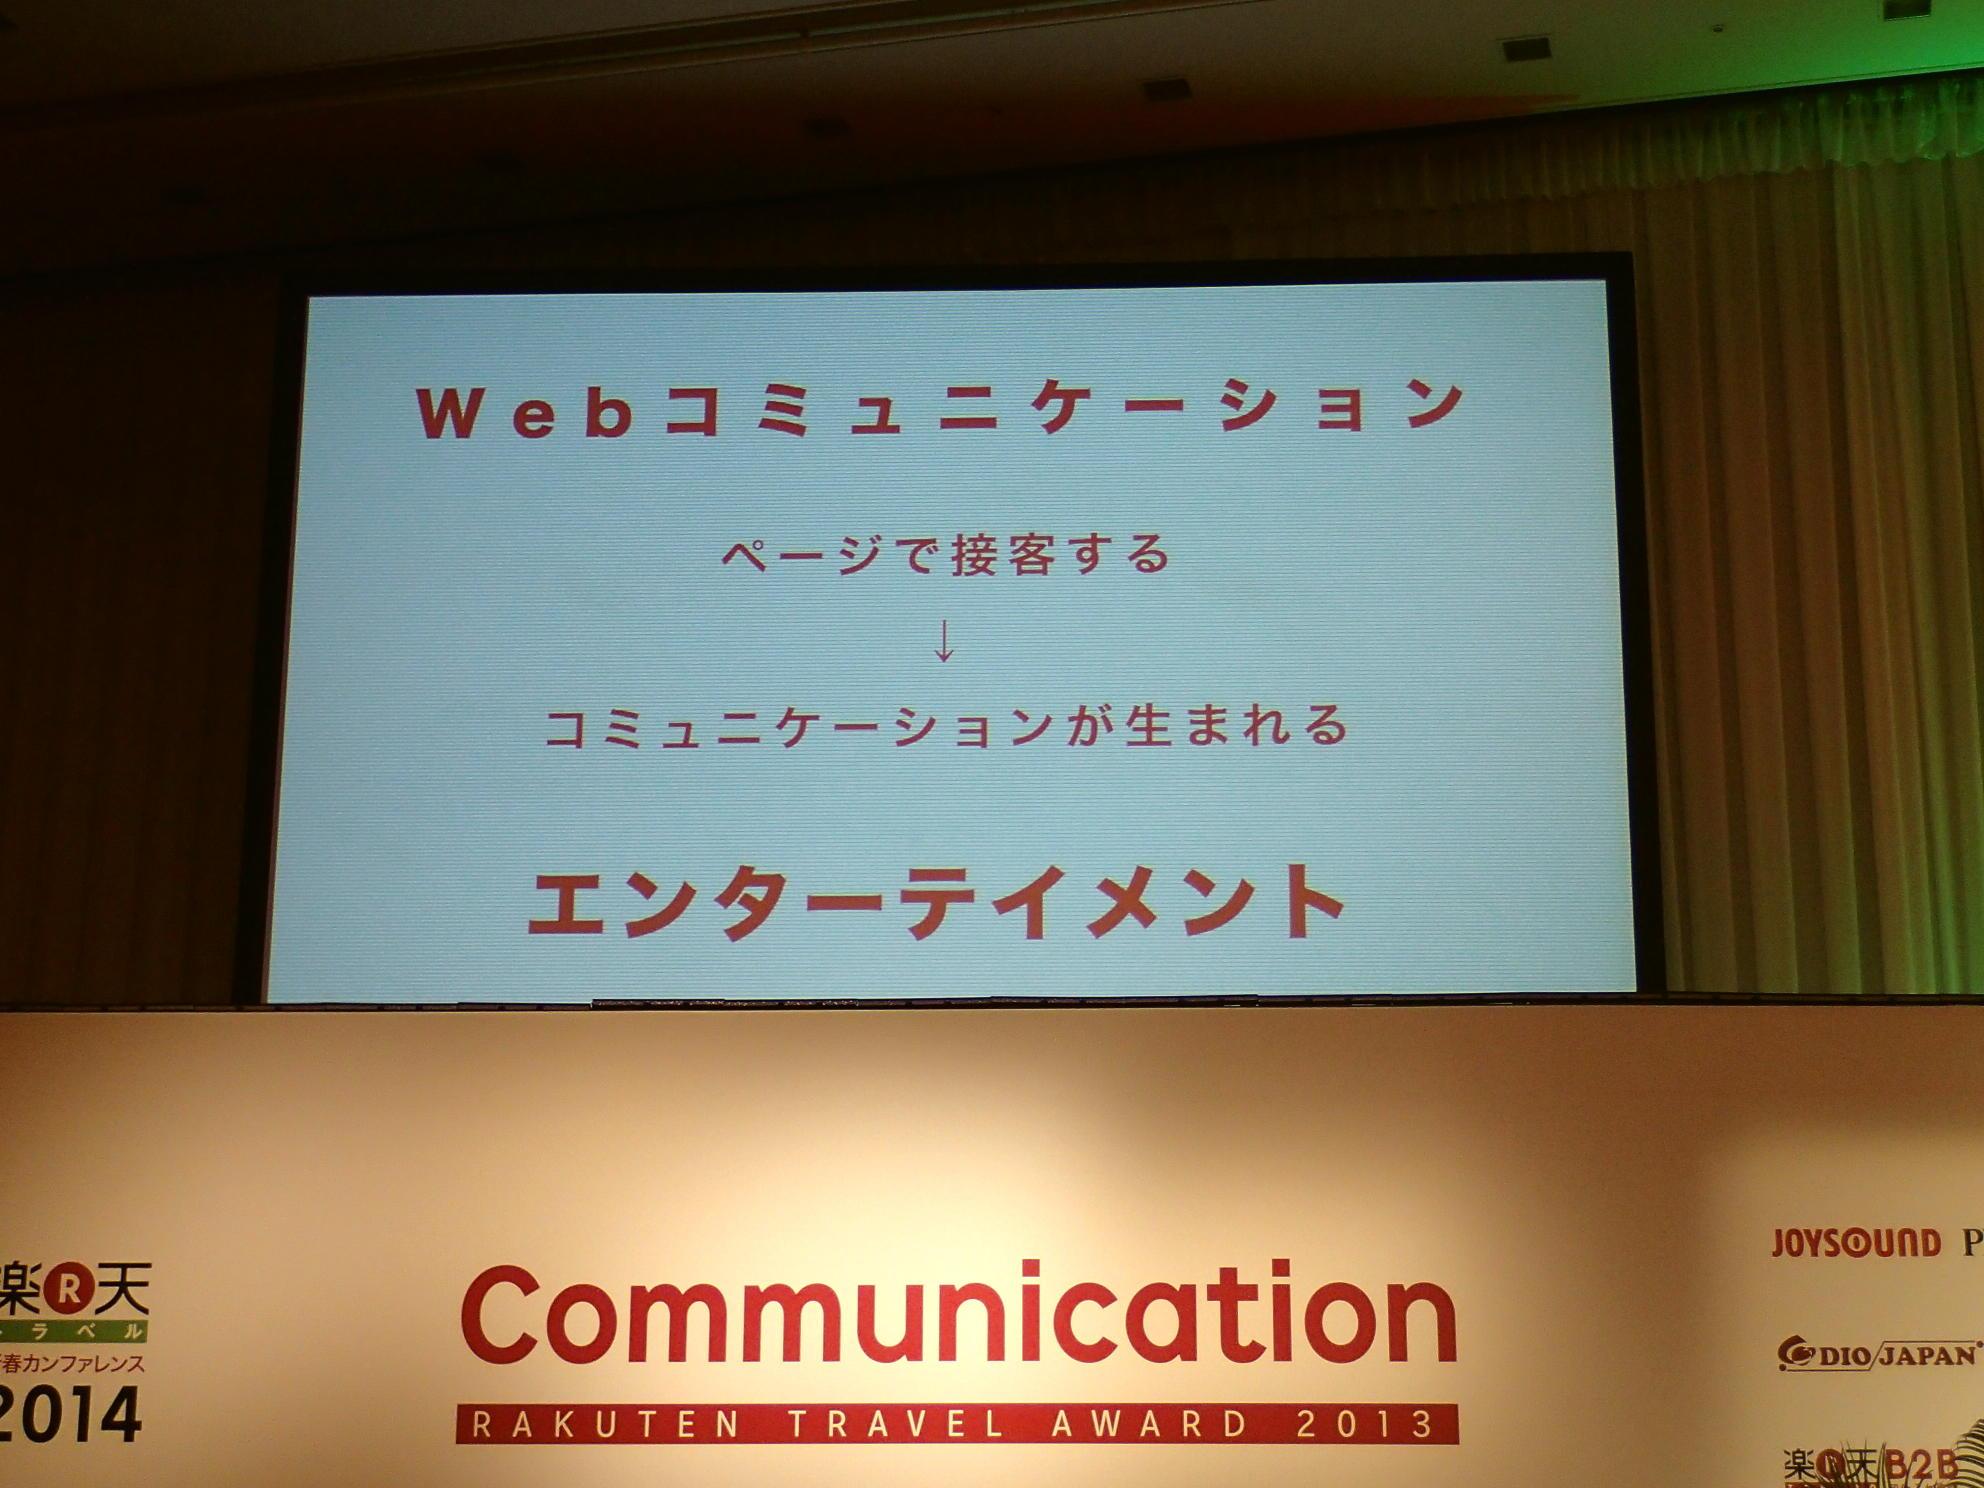 楽天トラベル新春カンファレンス2014に参加してきました!